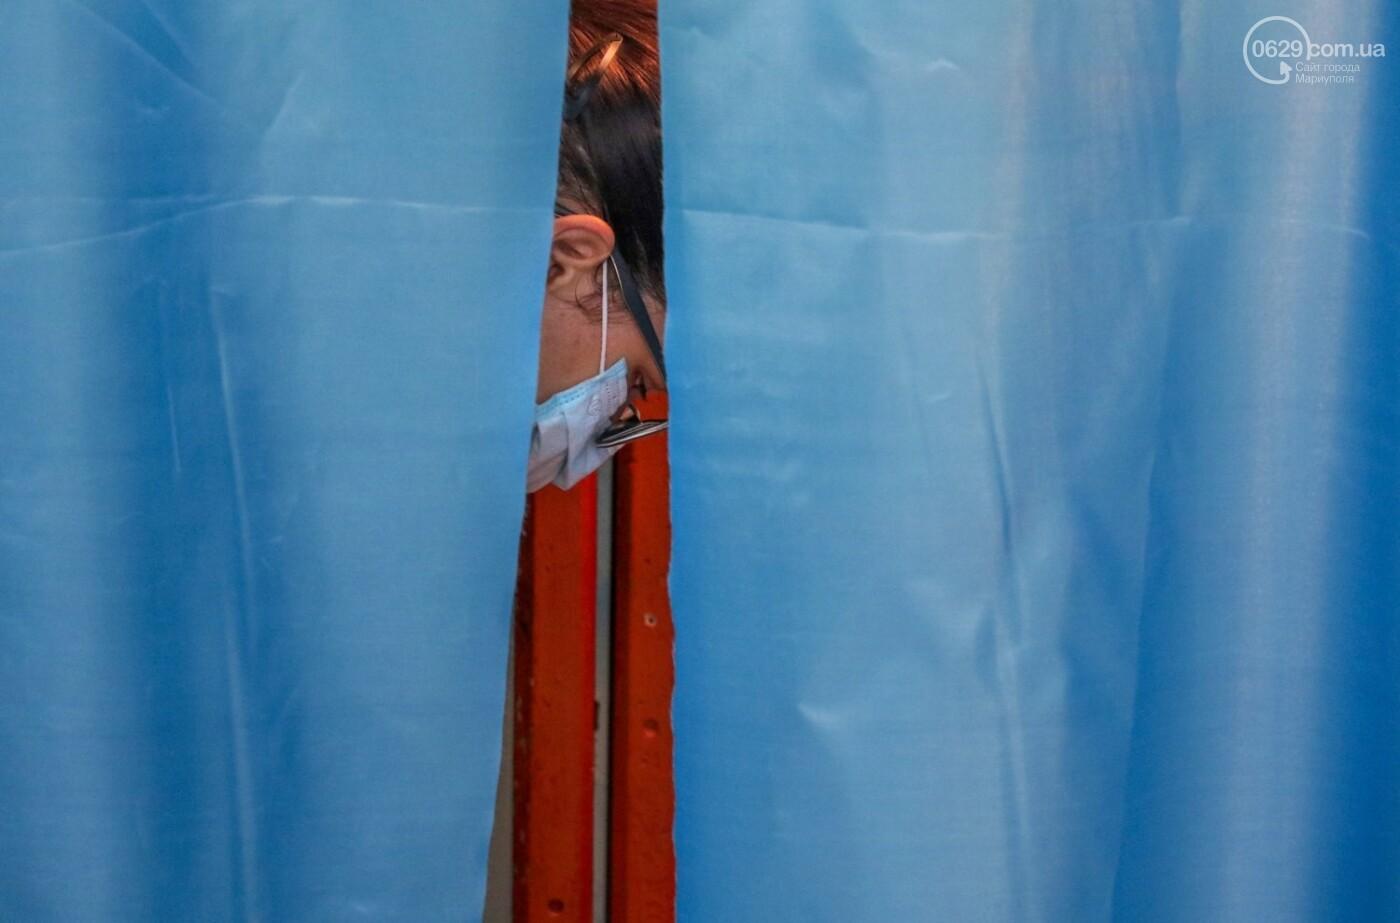 Как проходят выборы в Мариуполе – в 32-х фотографиях, - ФОТОРЕПОРТАЖ, фото-3